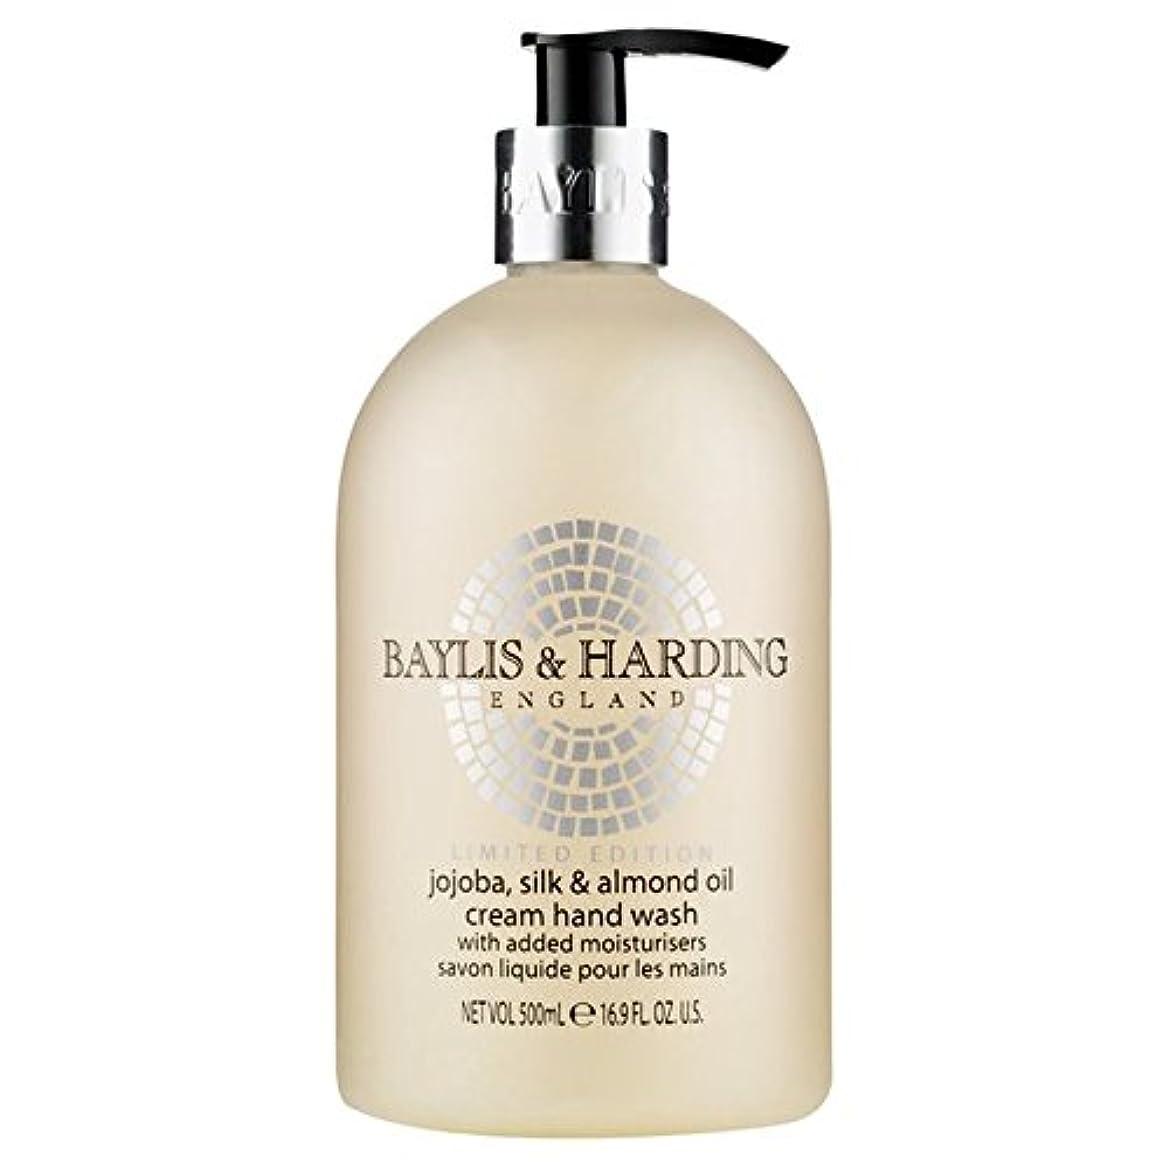 優しい体系的に衛星Baylis & Harding Jojoba, Silk & Almond Oil Hand Wash 500ml - ベイリス&ハーディングホホバ、シルク&アーモンドオイルハンドウォッシュ500ミリリットル [並行輸入品]